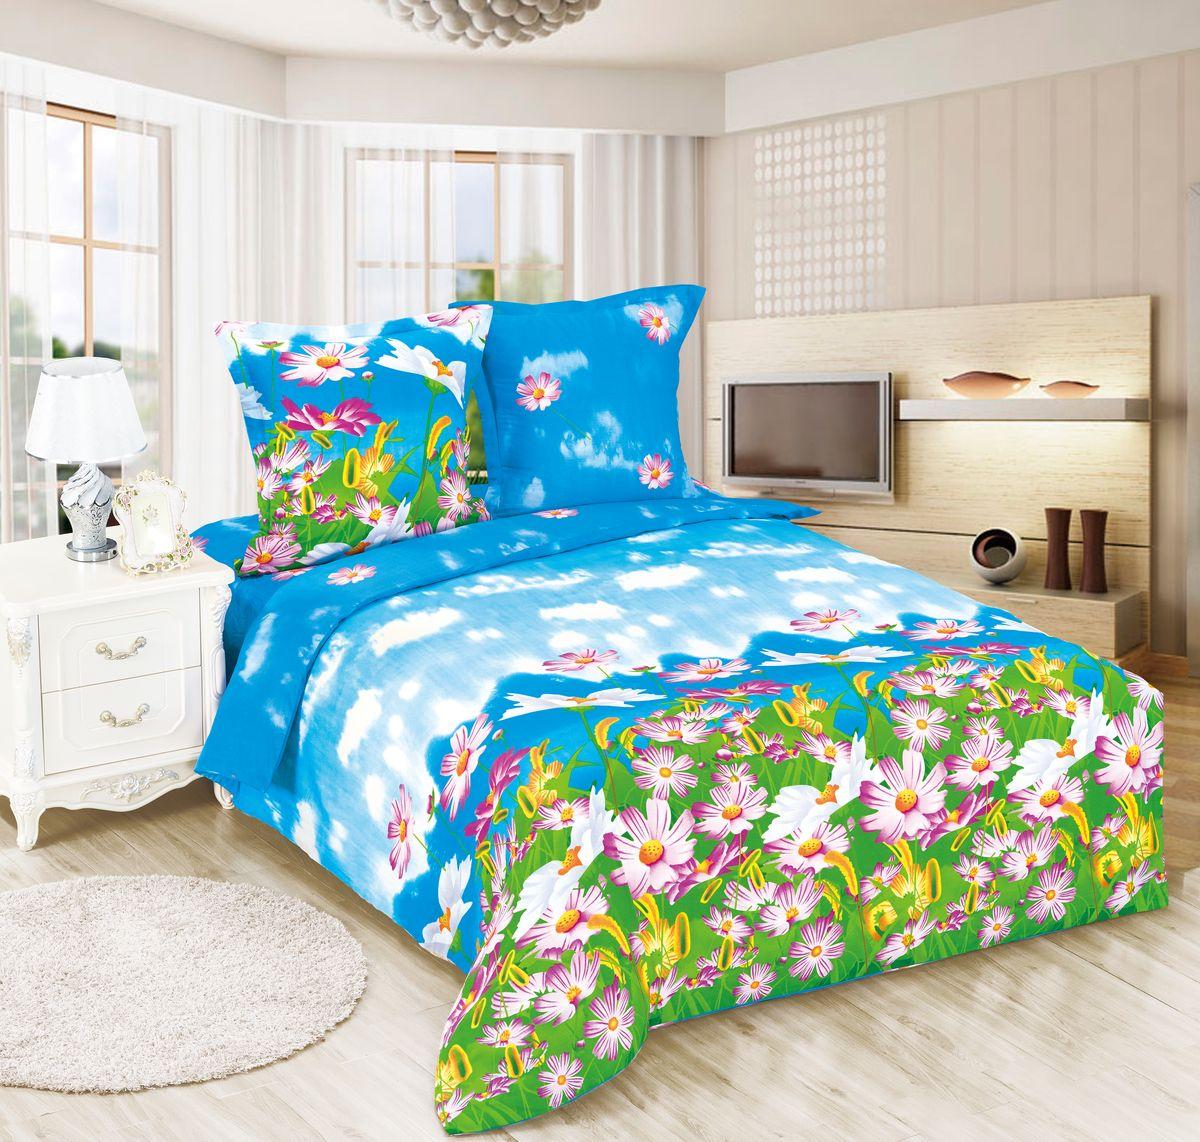 Комплект белья Amore Mio ET Radost, 1,5-спальное. 7006070060Amore Mio – Комфорт и Уют - Каждый день! Amore Mio предлагает оценить соотношению цены и качества коллекции.Разнообразие ярких и современных дизайнов прослужат не один год и всегда будут радовать Вас и Ваших близких сочностью красок и красивым рисунком. Белье Amore Mio – лучший подарок любимым! Поплин – европейский аналог бязи. Это ткань самого простого полотняного плетения с чуть заметным рубчиком, который появляется из-за использования нитей разной толщины. Состоит из 100% натурального хлопка, поэтому хорошо удерживает тепло, впитывает влагу и позволяет телу дышать. На ощупь поплин мягче бязи, но грубее сатина. Благодаря использованию современных методов окраски, не линяет и его можно стирать при температуре до 40°C. Пододеяльник-150*215, Простыня-150*220, наволочки-70*70(1шт)